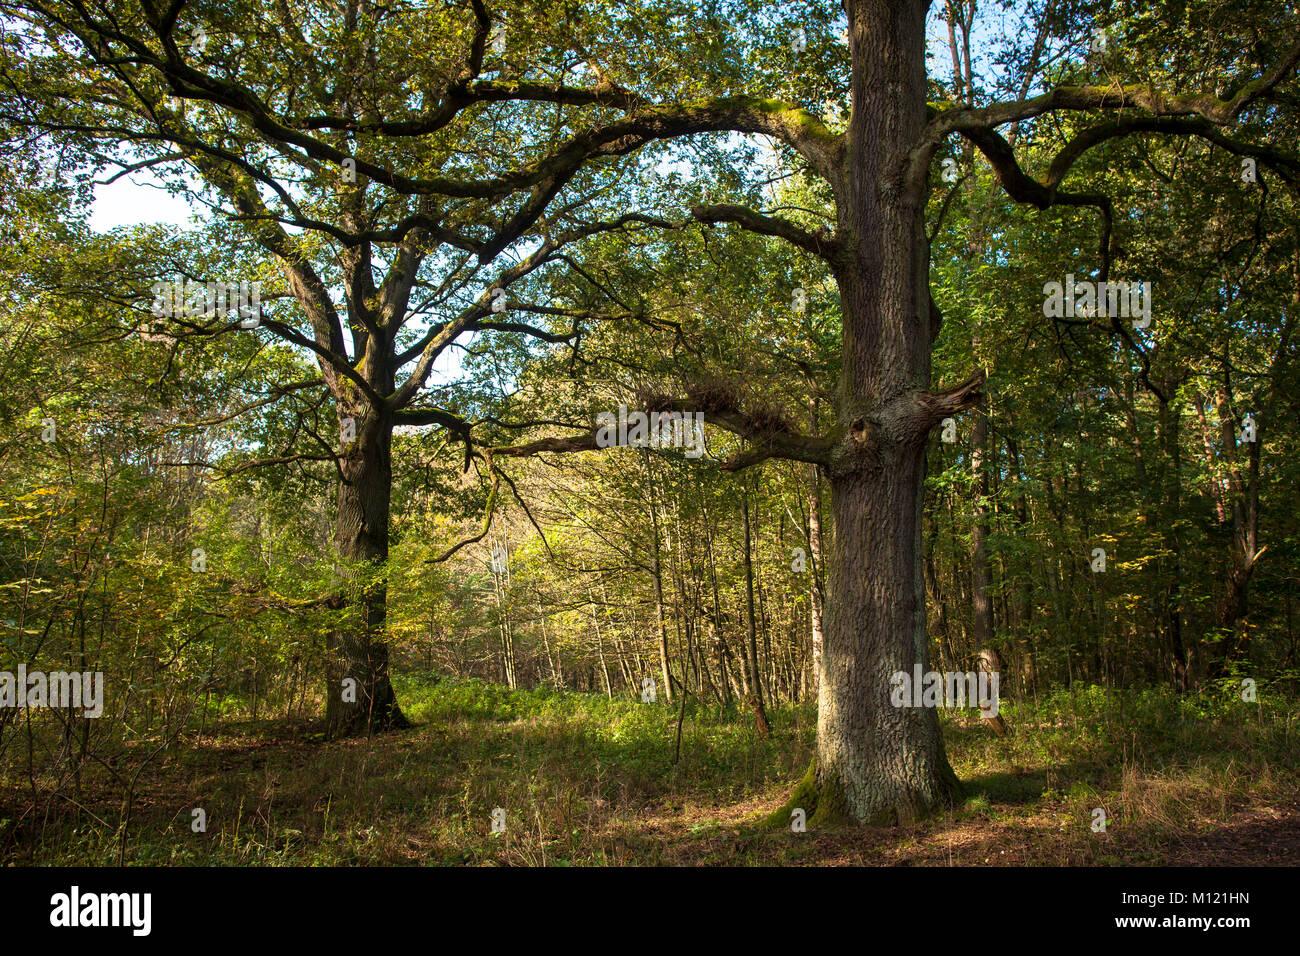 Germany, Cologne, wood of the Wahner Heath, oak trees.  Deutschland, Koeln, Wald in der Wahner Heide, Eichen. Stock Photo